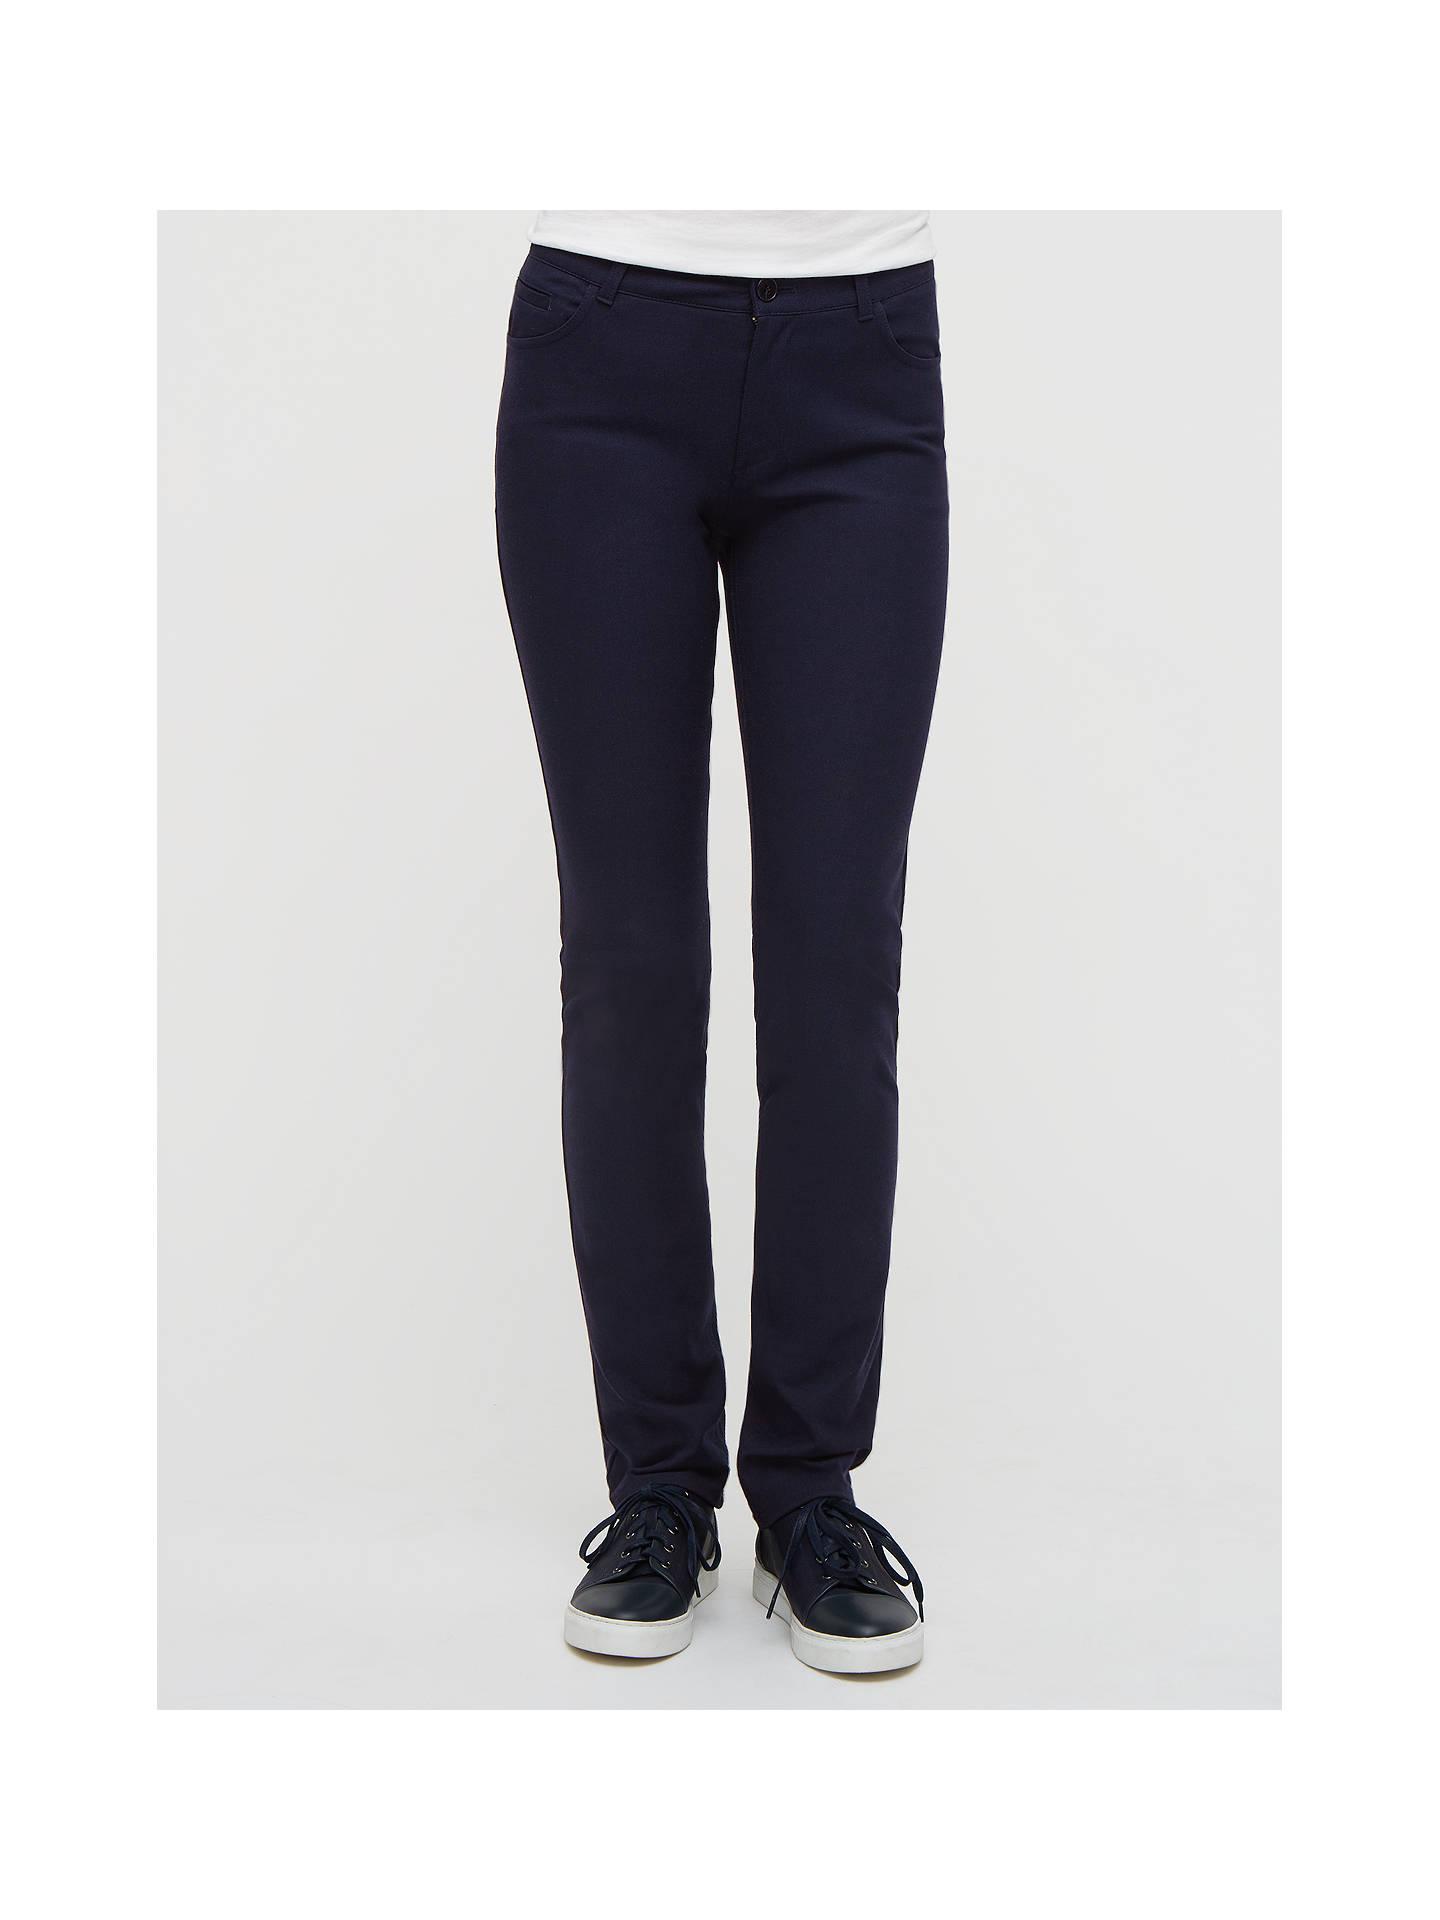 Jigsaw Classic Fit Bi-Stretch Jeans Womens New Blue Dark Blue